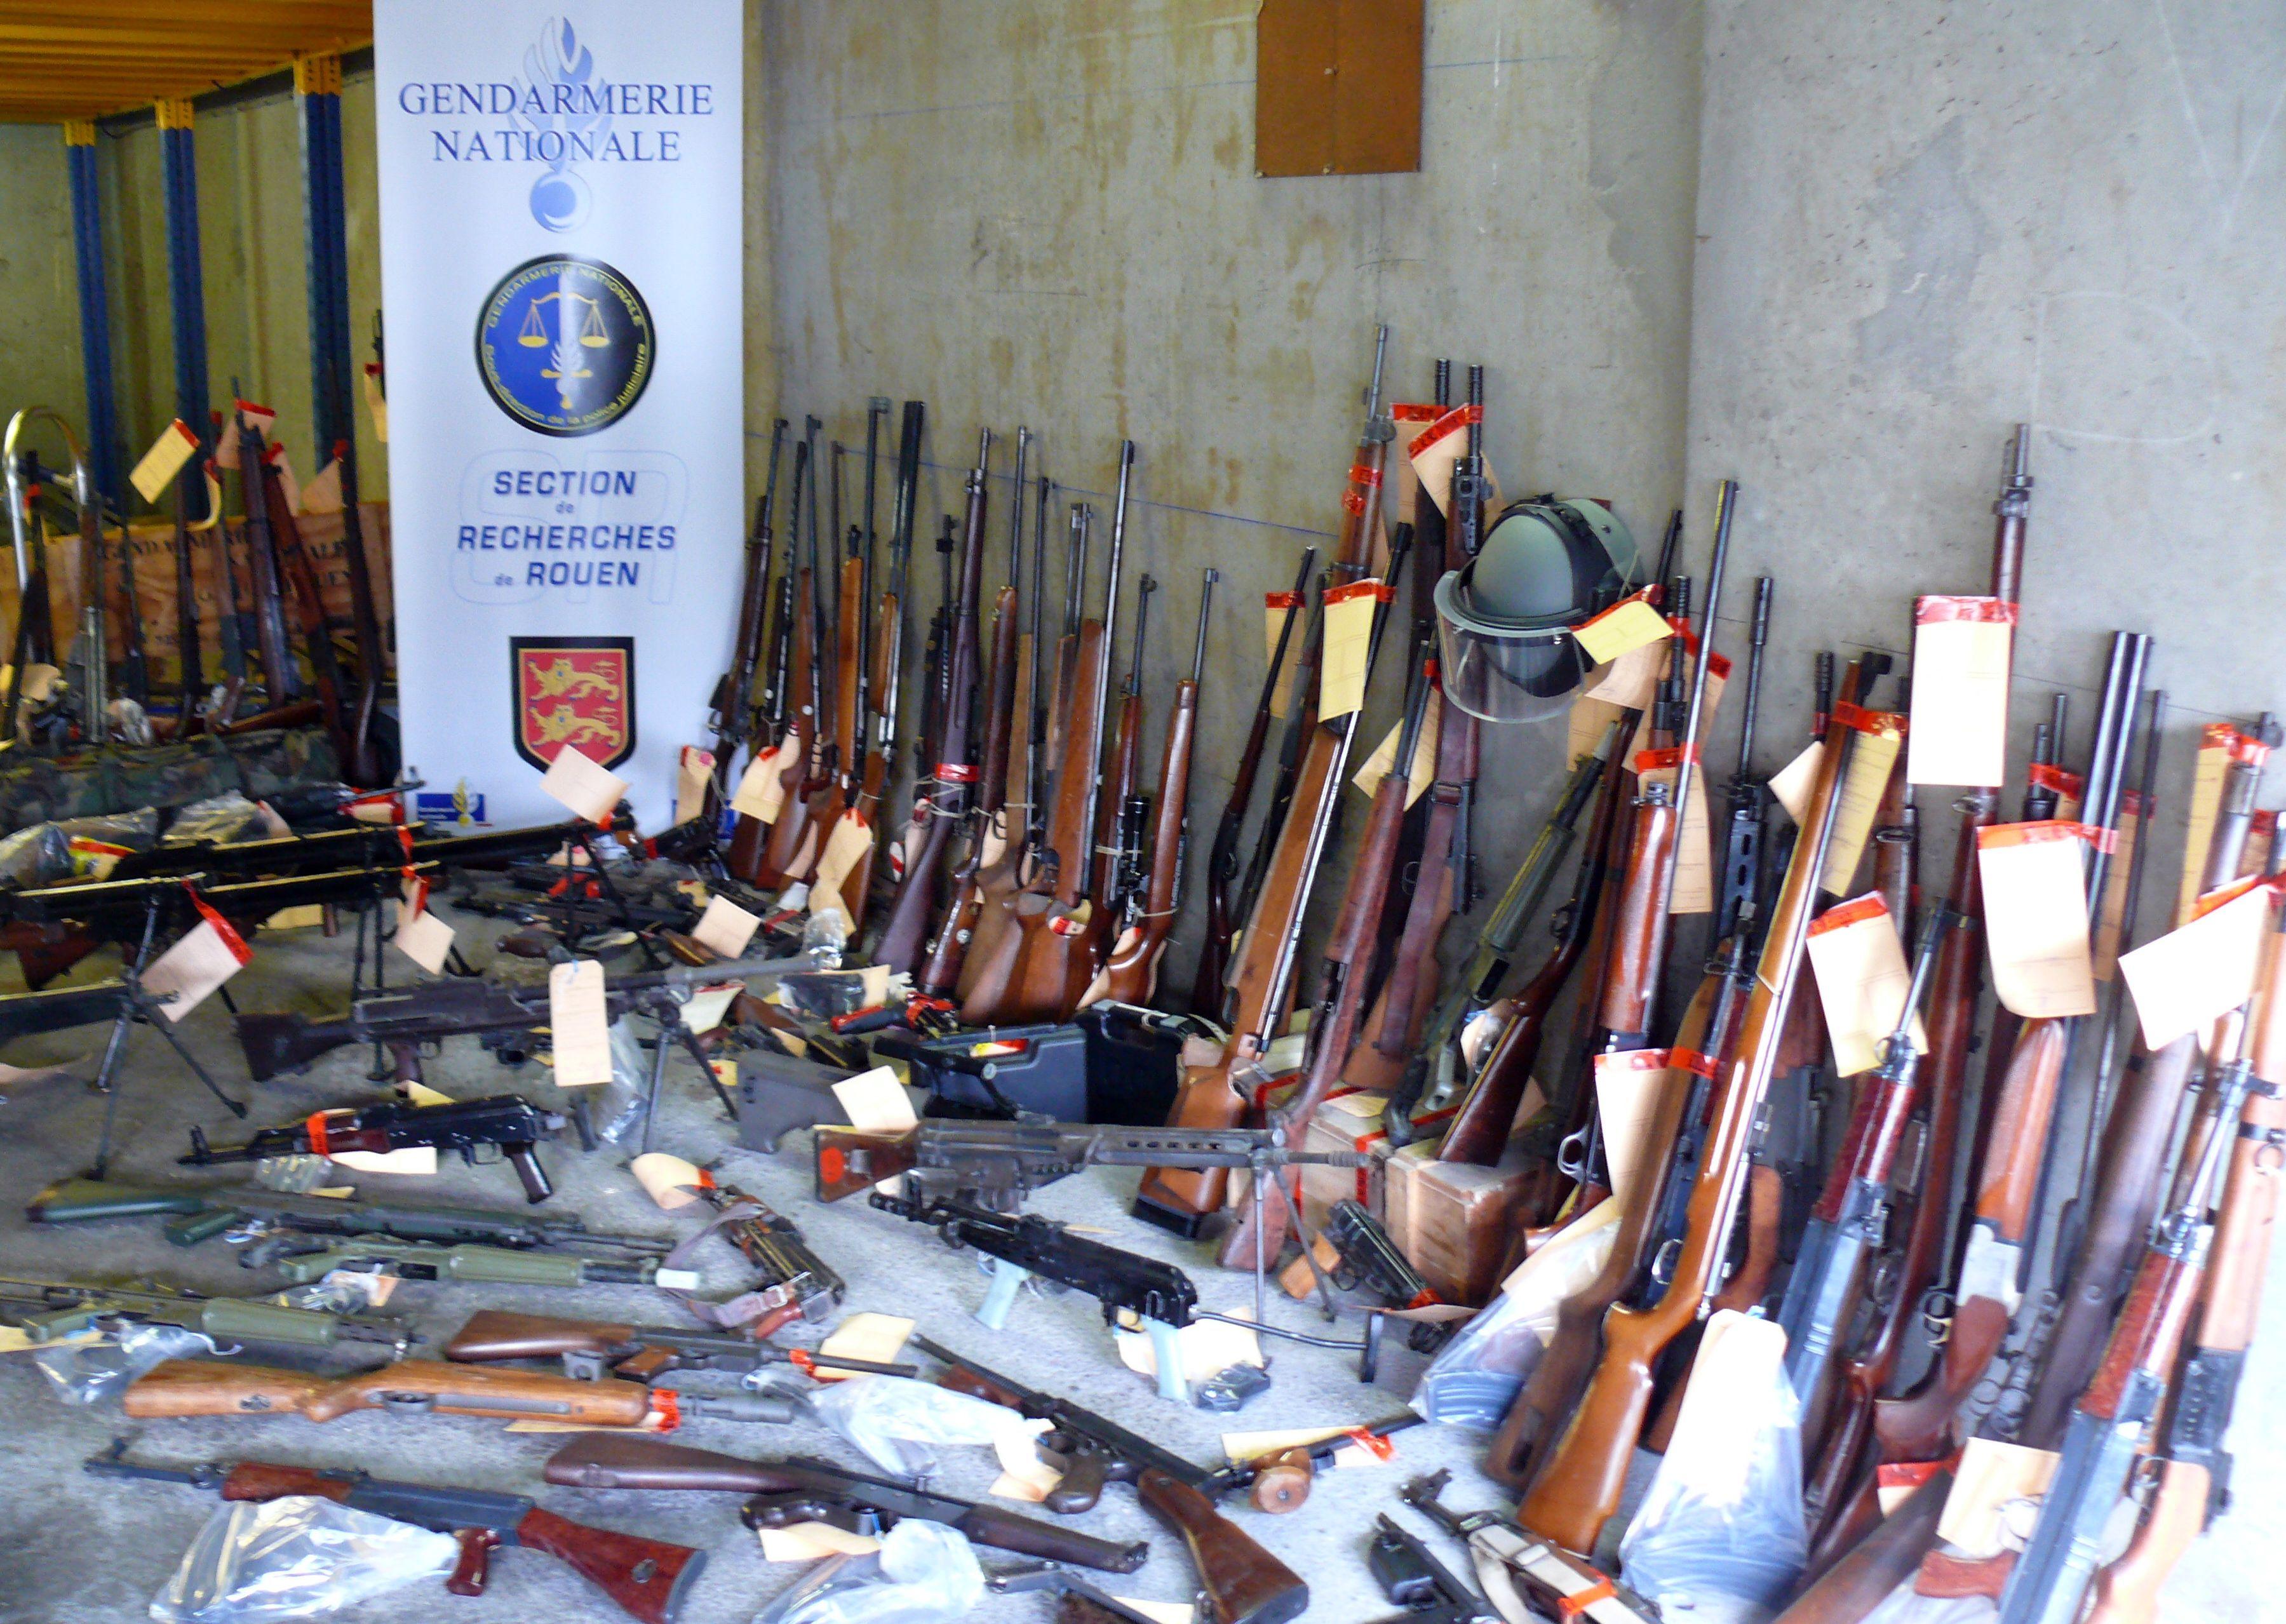 Une partie des armes et des munitions saisies lors de l'opération des gendarmes (@Gendarmerie)